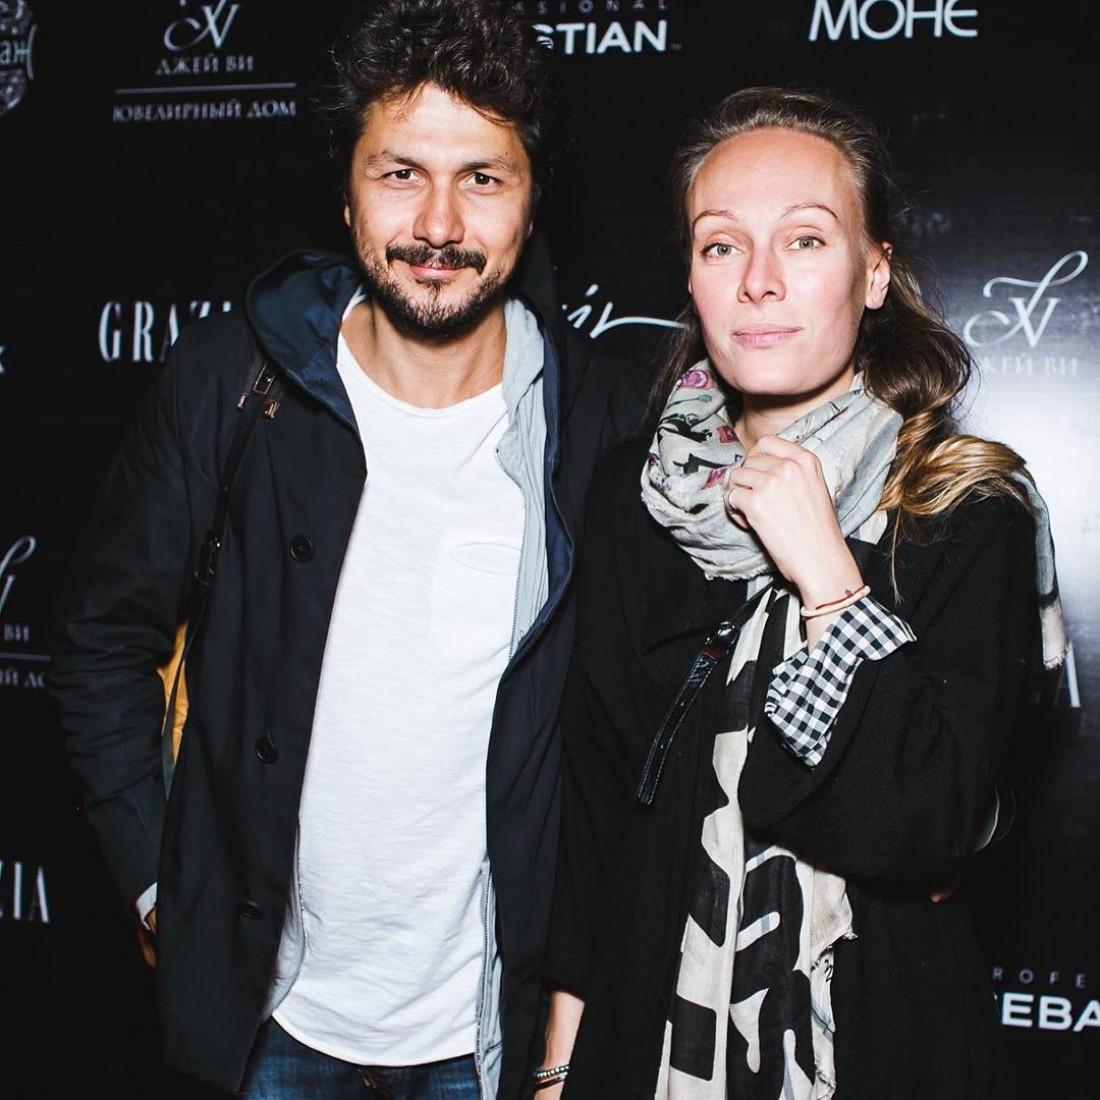 Павел Сафонов и Ольга Ломоносова вновь стали родителями